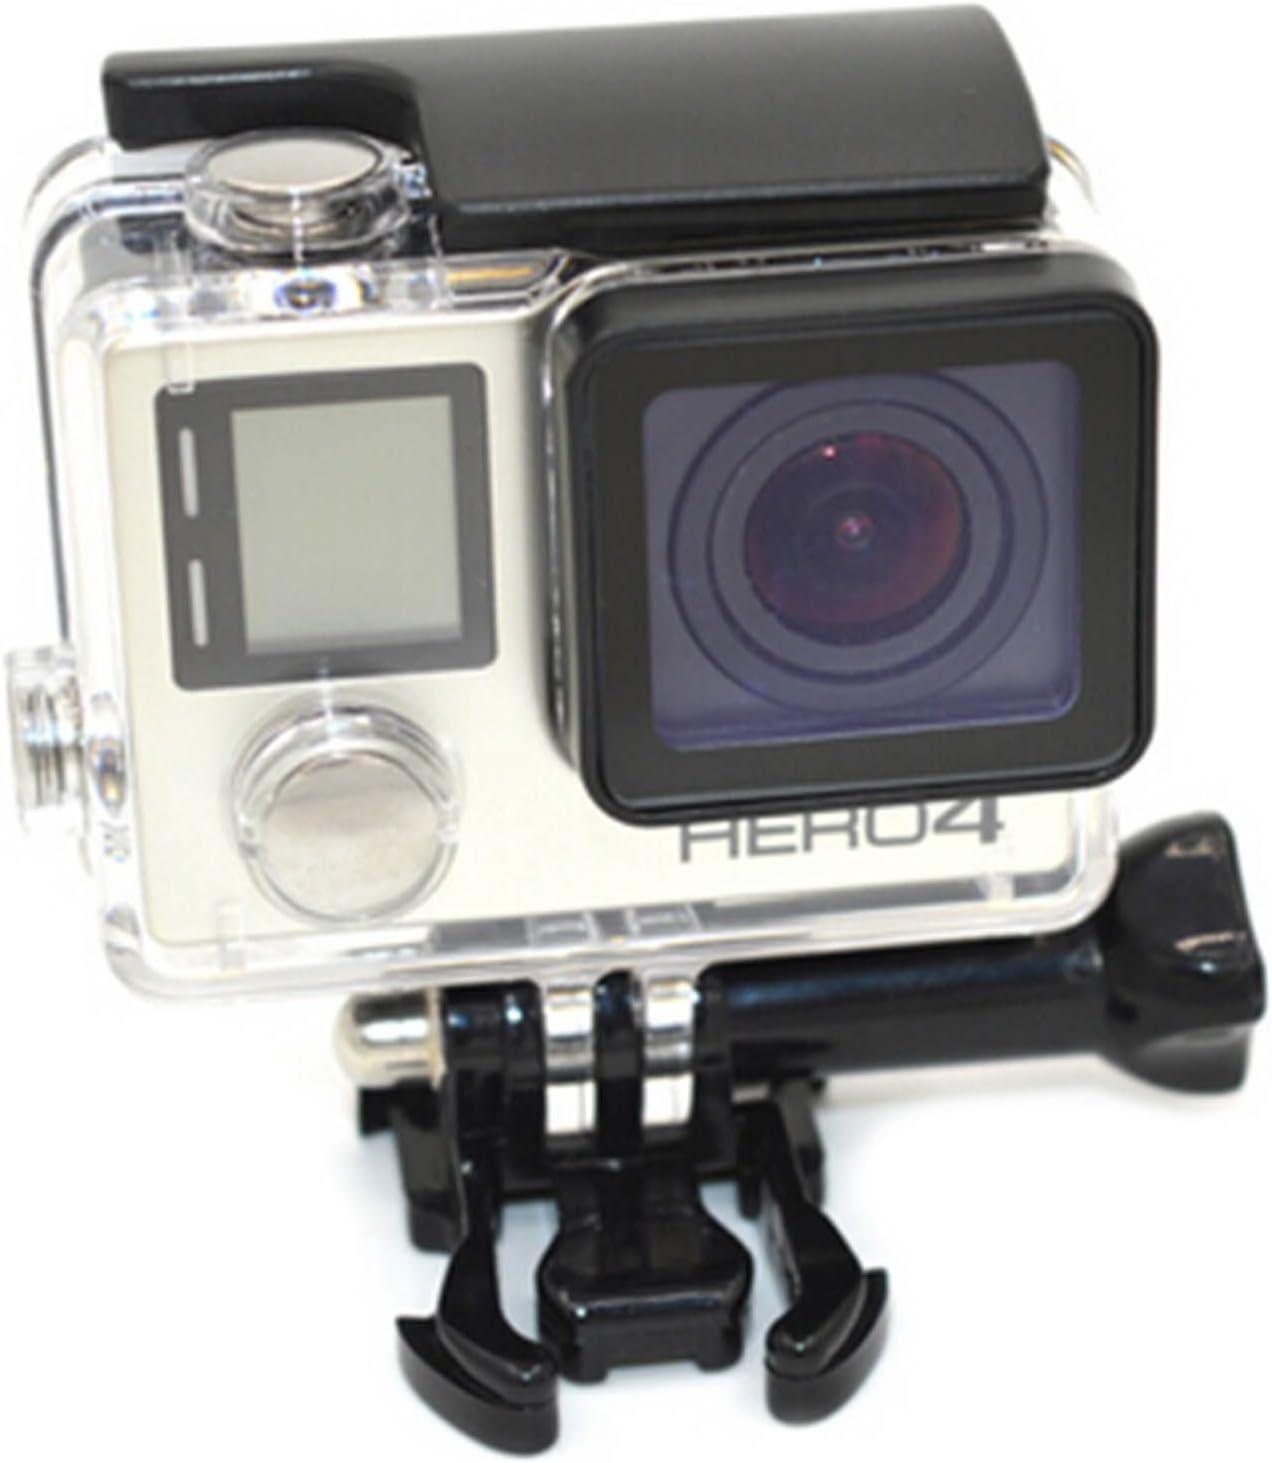 HuntGold Carcasa acuática esqueleto protector caja de la cámara de montaje para GoPro HD Hero 4: Amazon.es: Electrónica